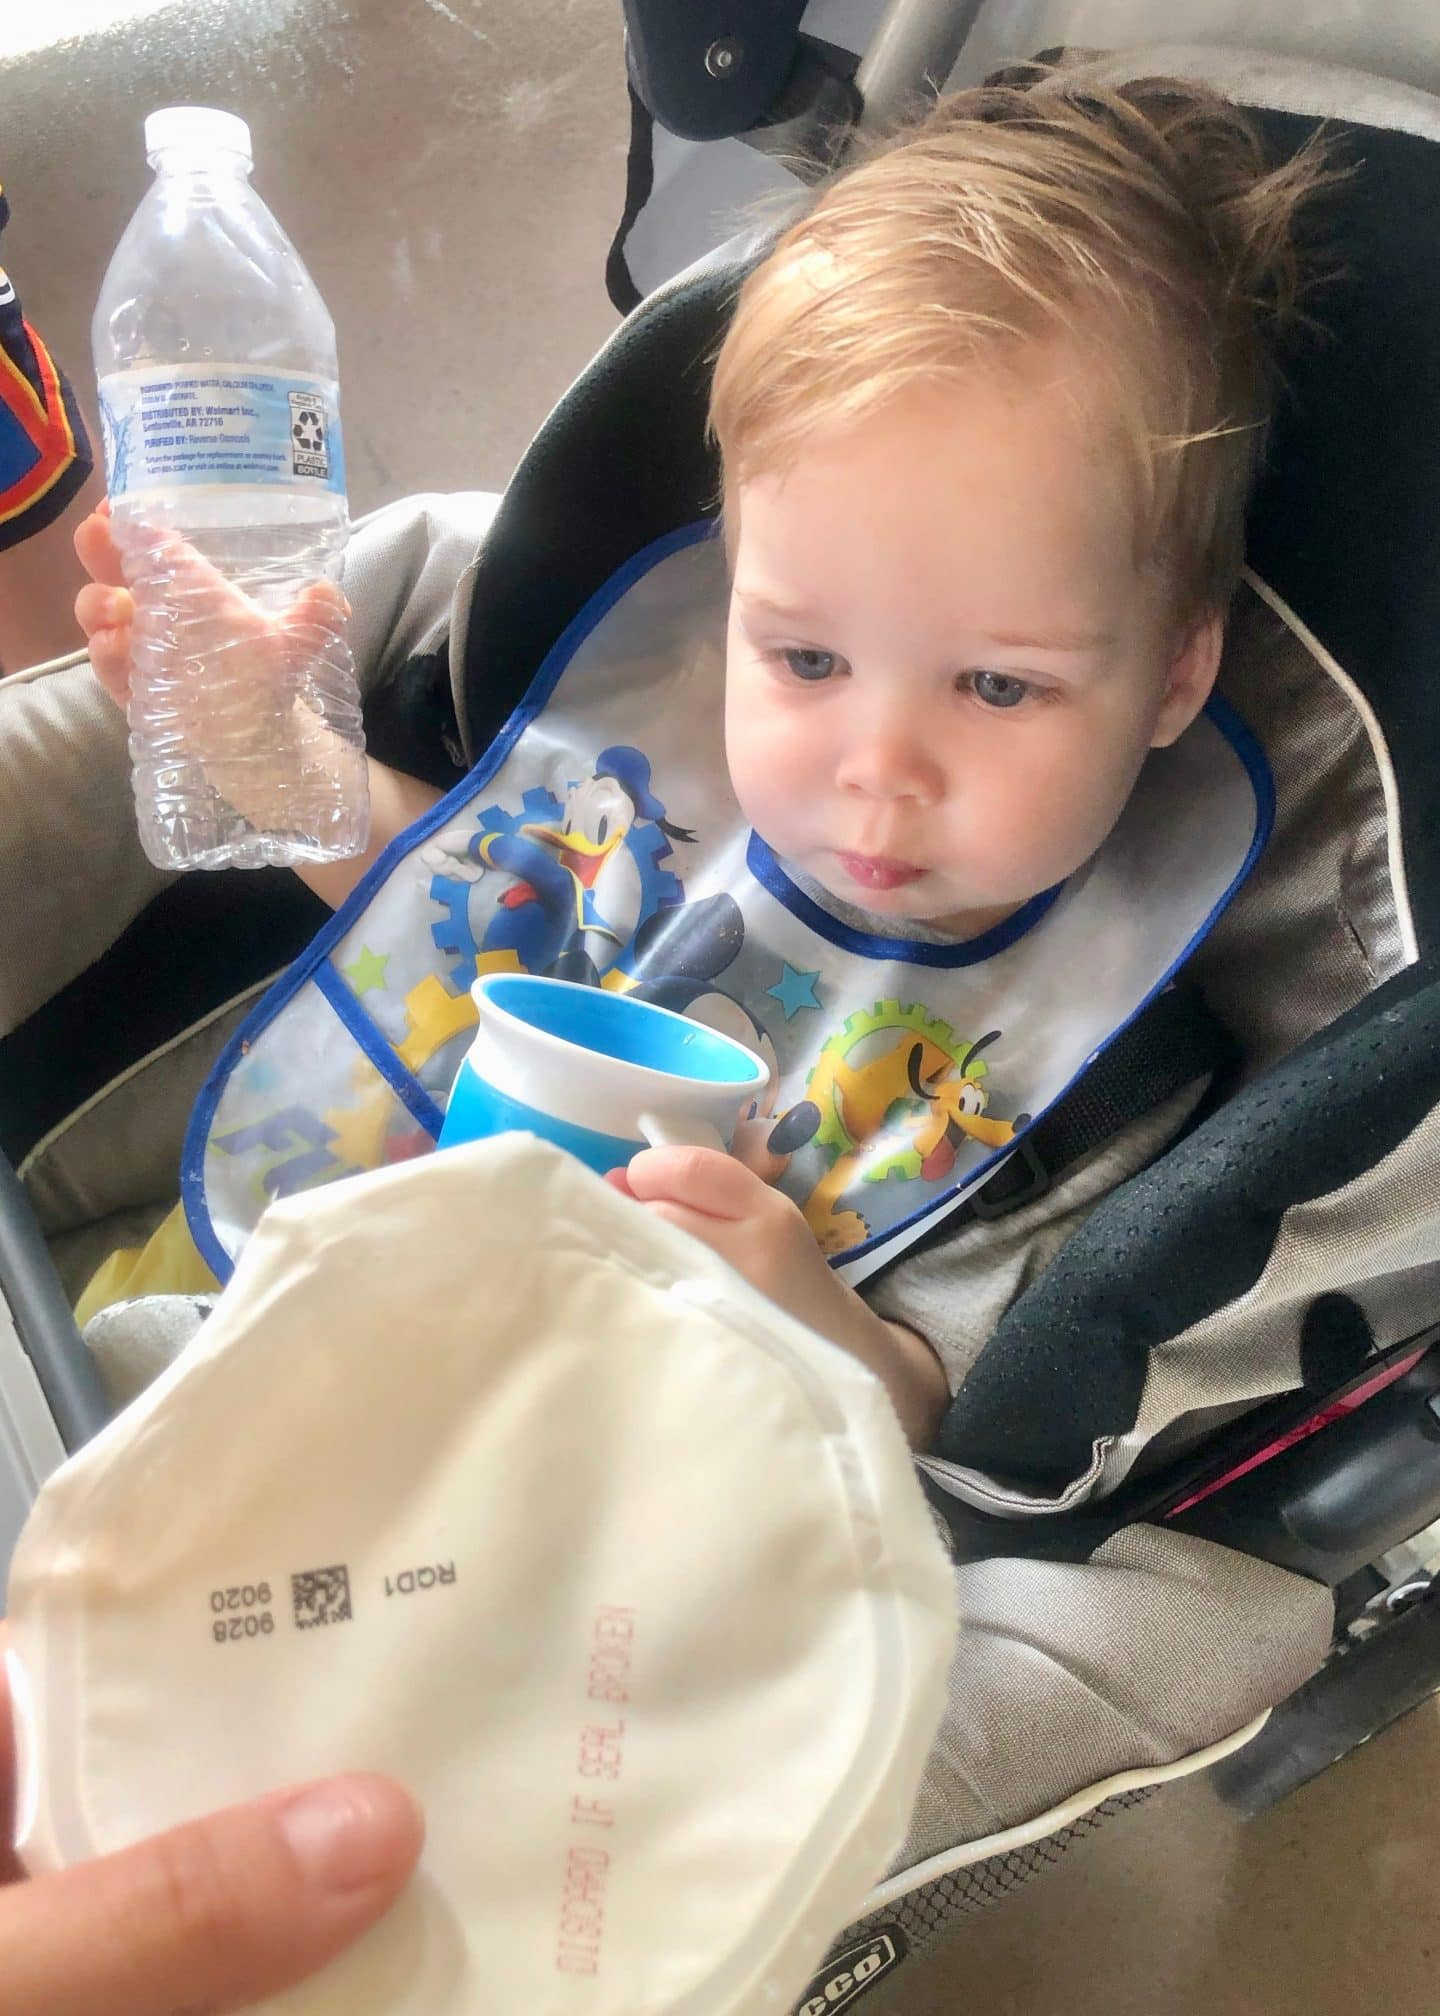 toddler eating breakfast in stroller at Disney World